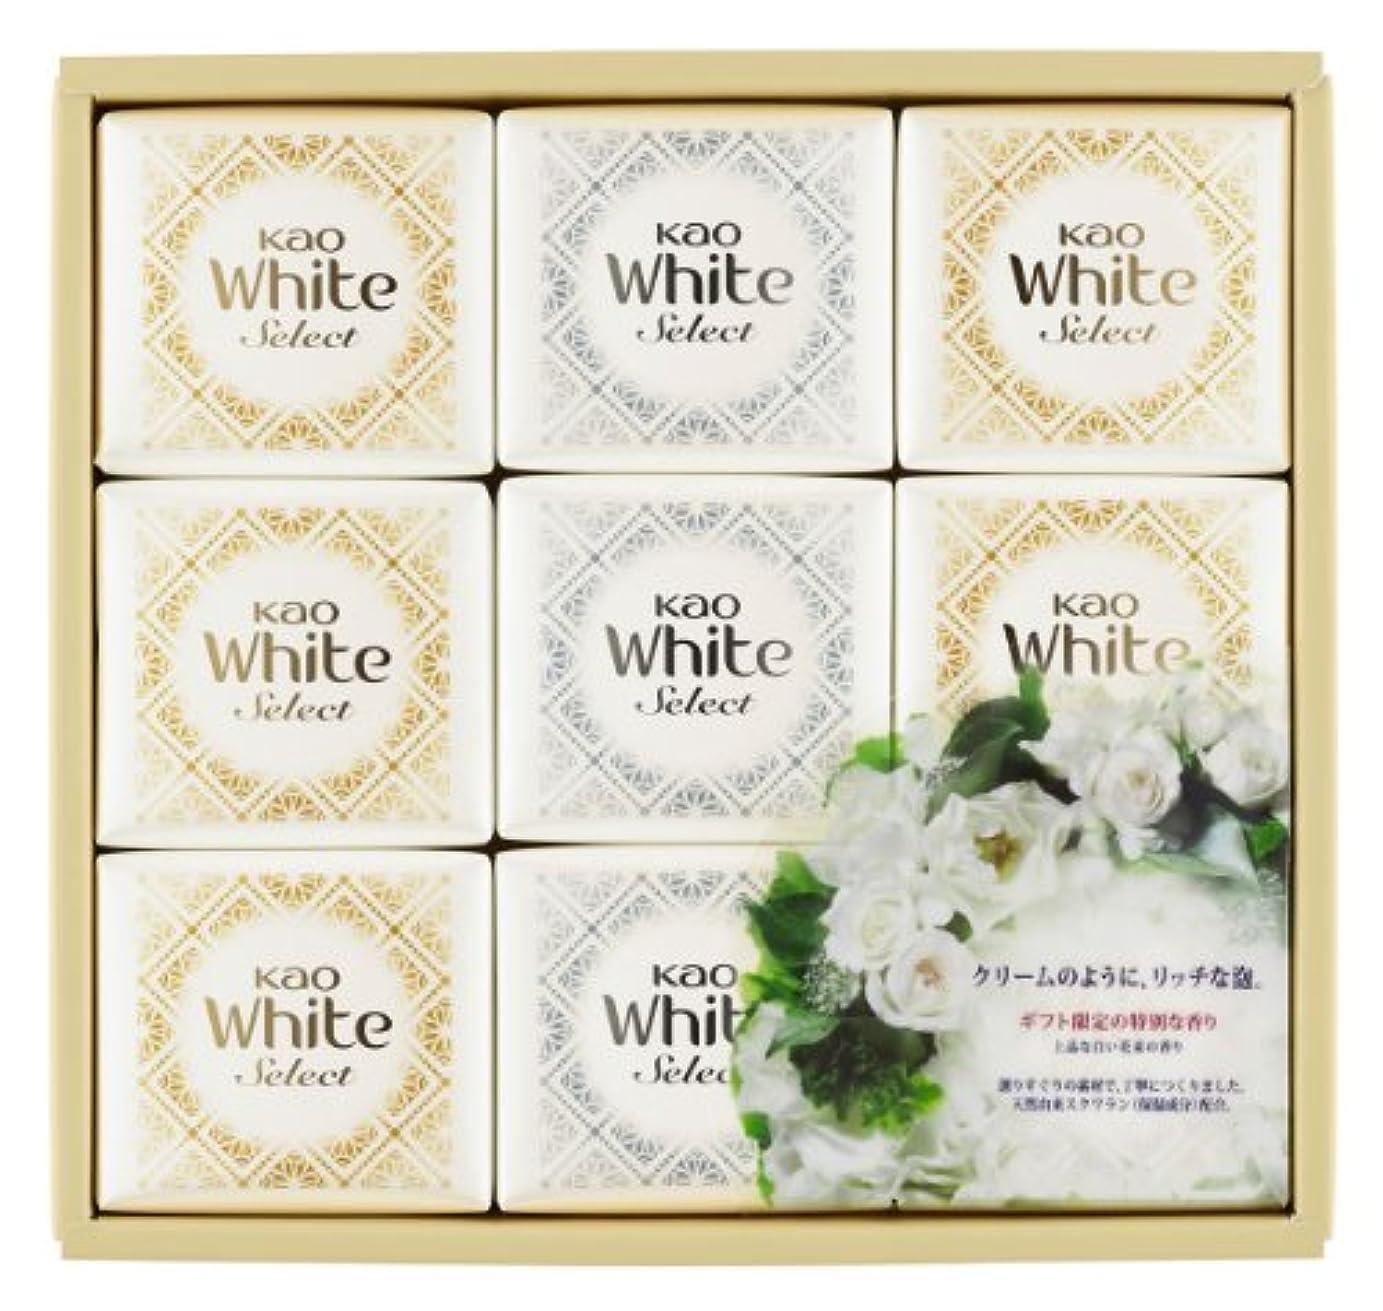 ゲージアカデミック検出器花王ホワイト セレクト 上品な白い花束の香り 85g 9コ K?WS-15